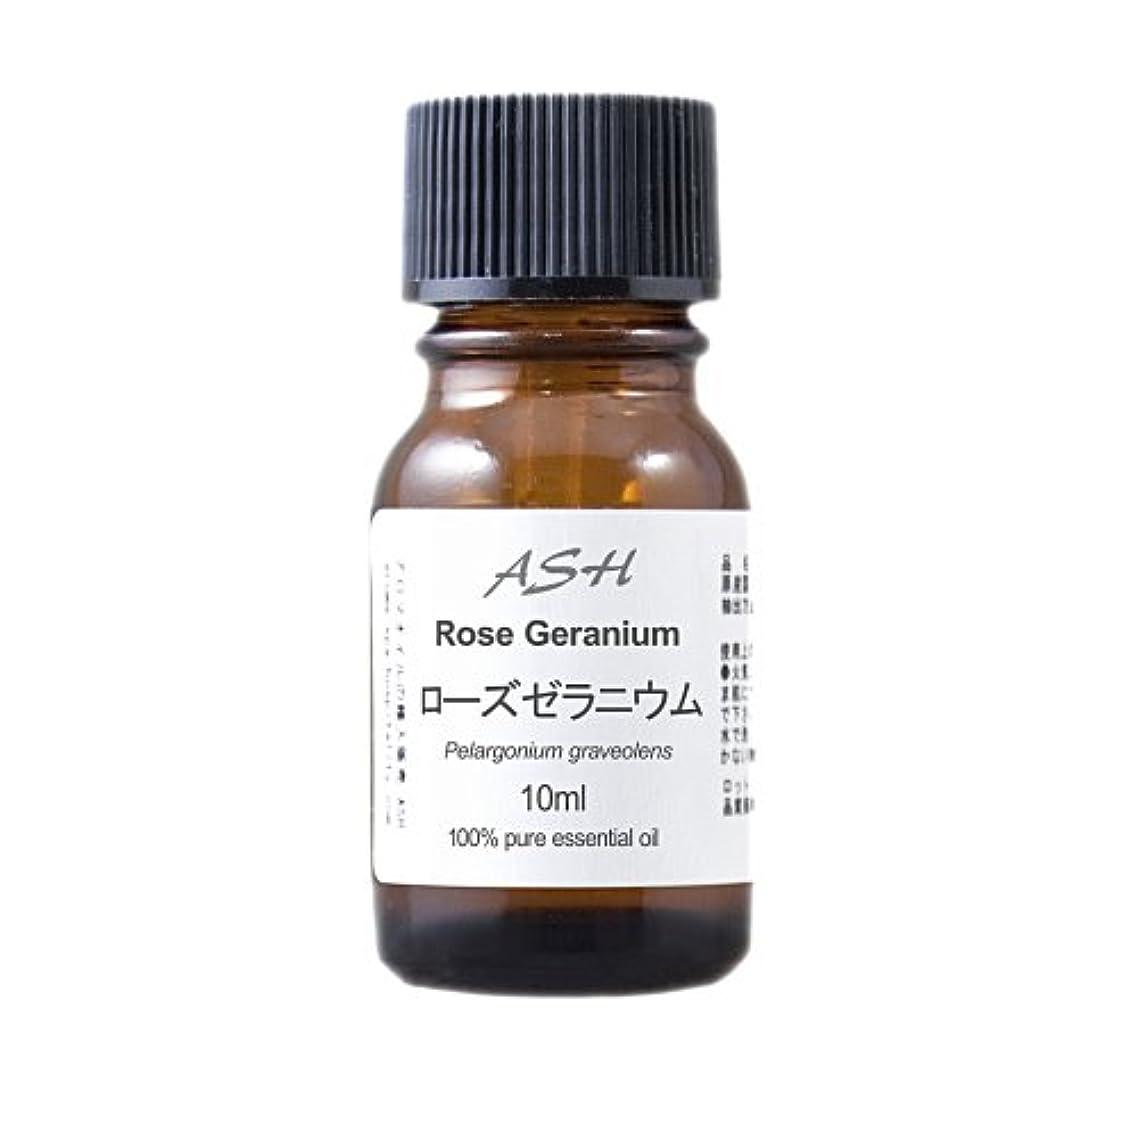 旅エスニック授業料ASH ローズゼラニウム エッセンシャルオイル 10ml AEAJ表示基準適合認定精油